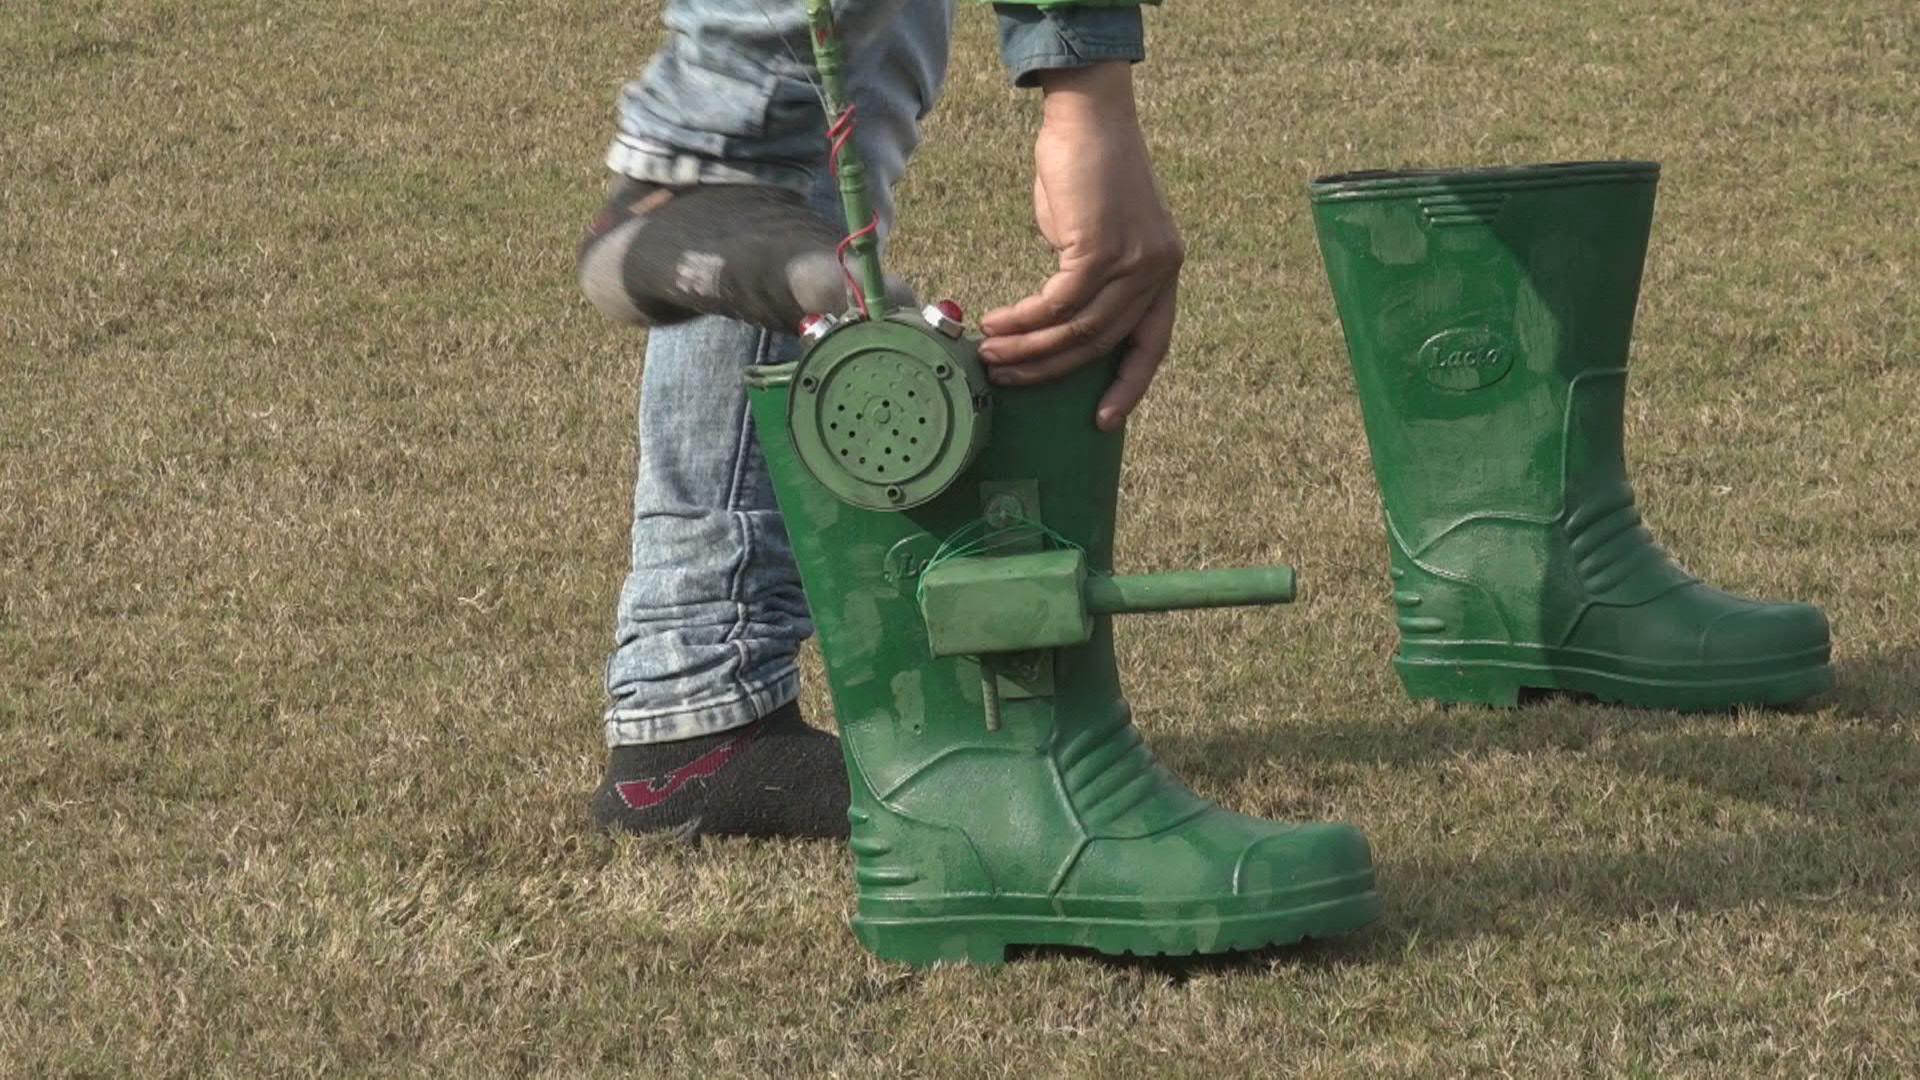 Un entusiasta de la tecnología indio presenta sus botas 'anti-infiltración' para uso militar